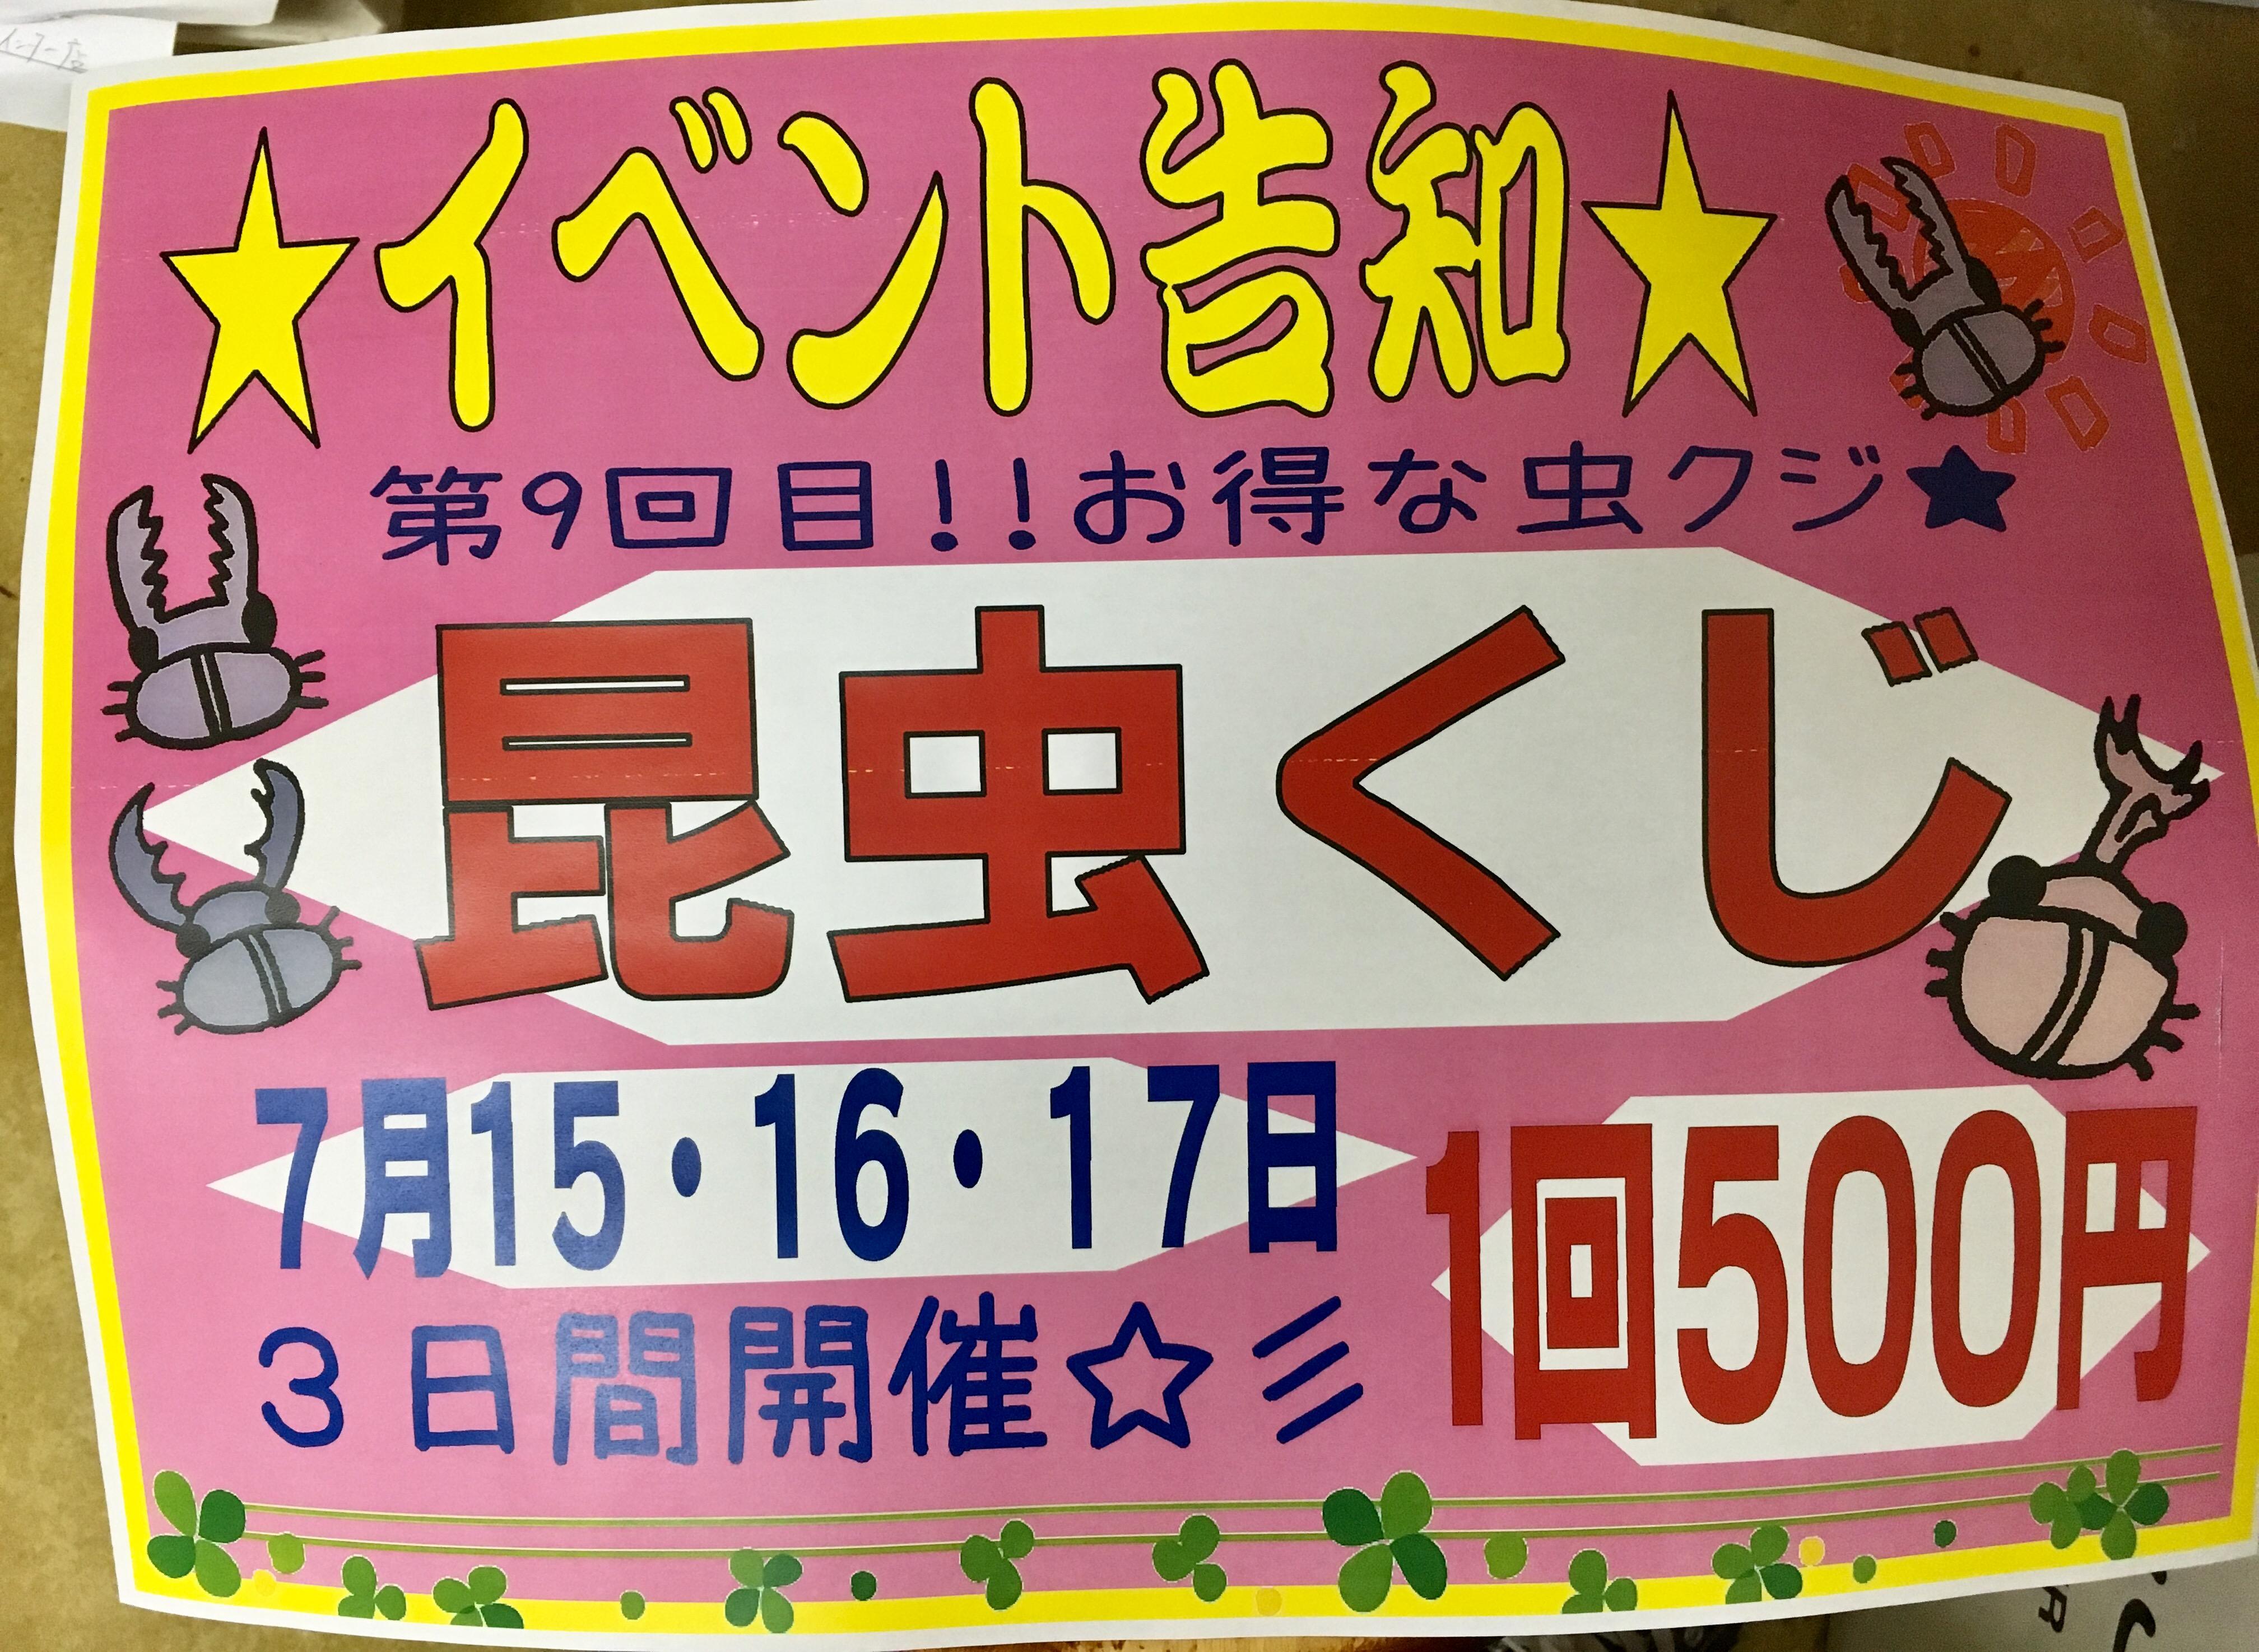 7月15・16・17日は昆虫クジで決まり!!!★@インター小動物